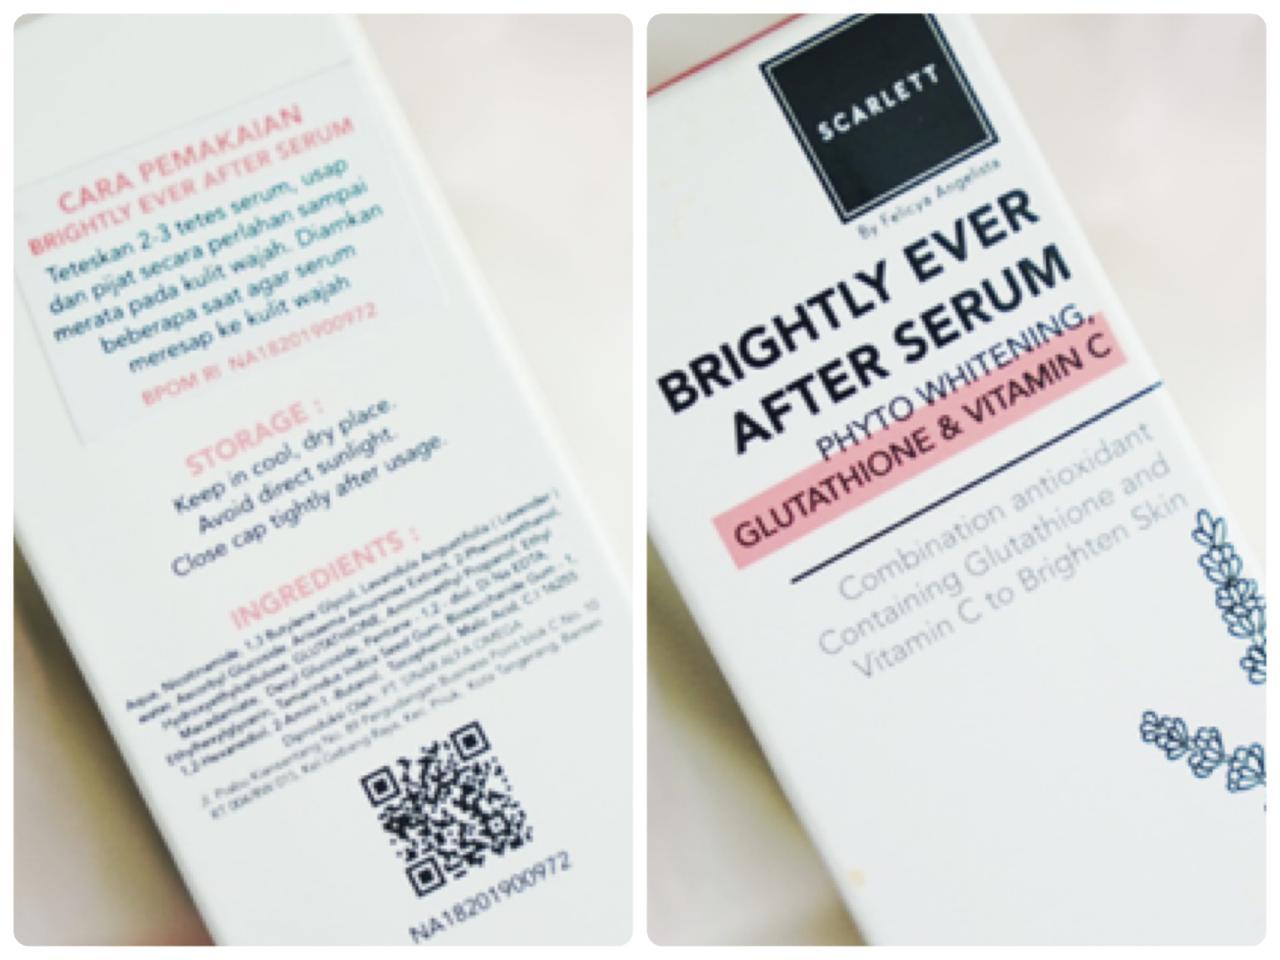 scarlett acne serum dan scarlett brightly ever after serum